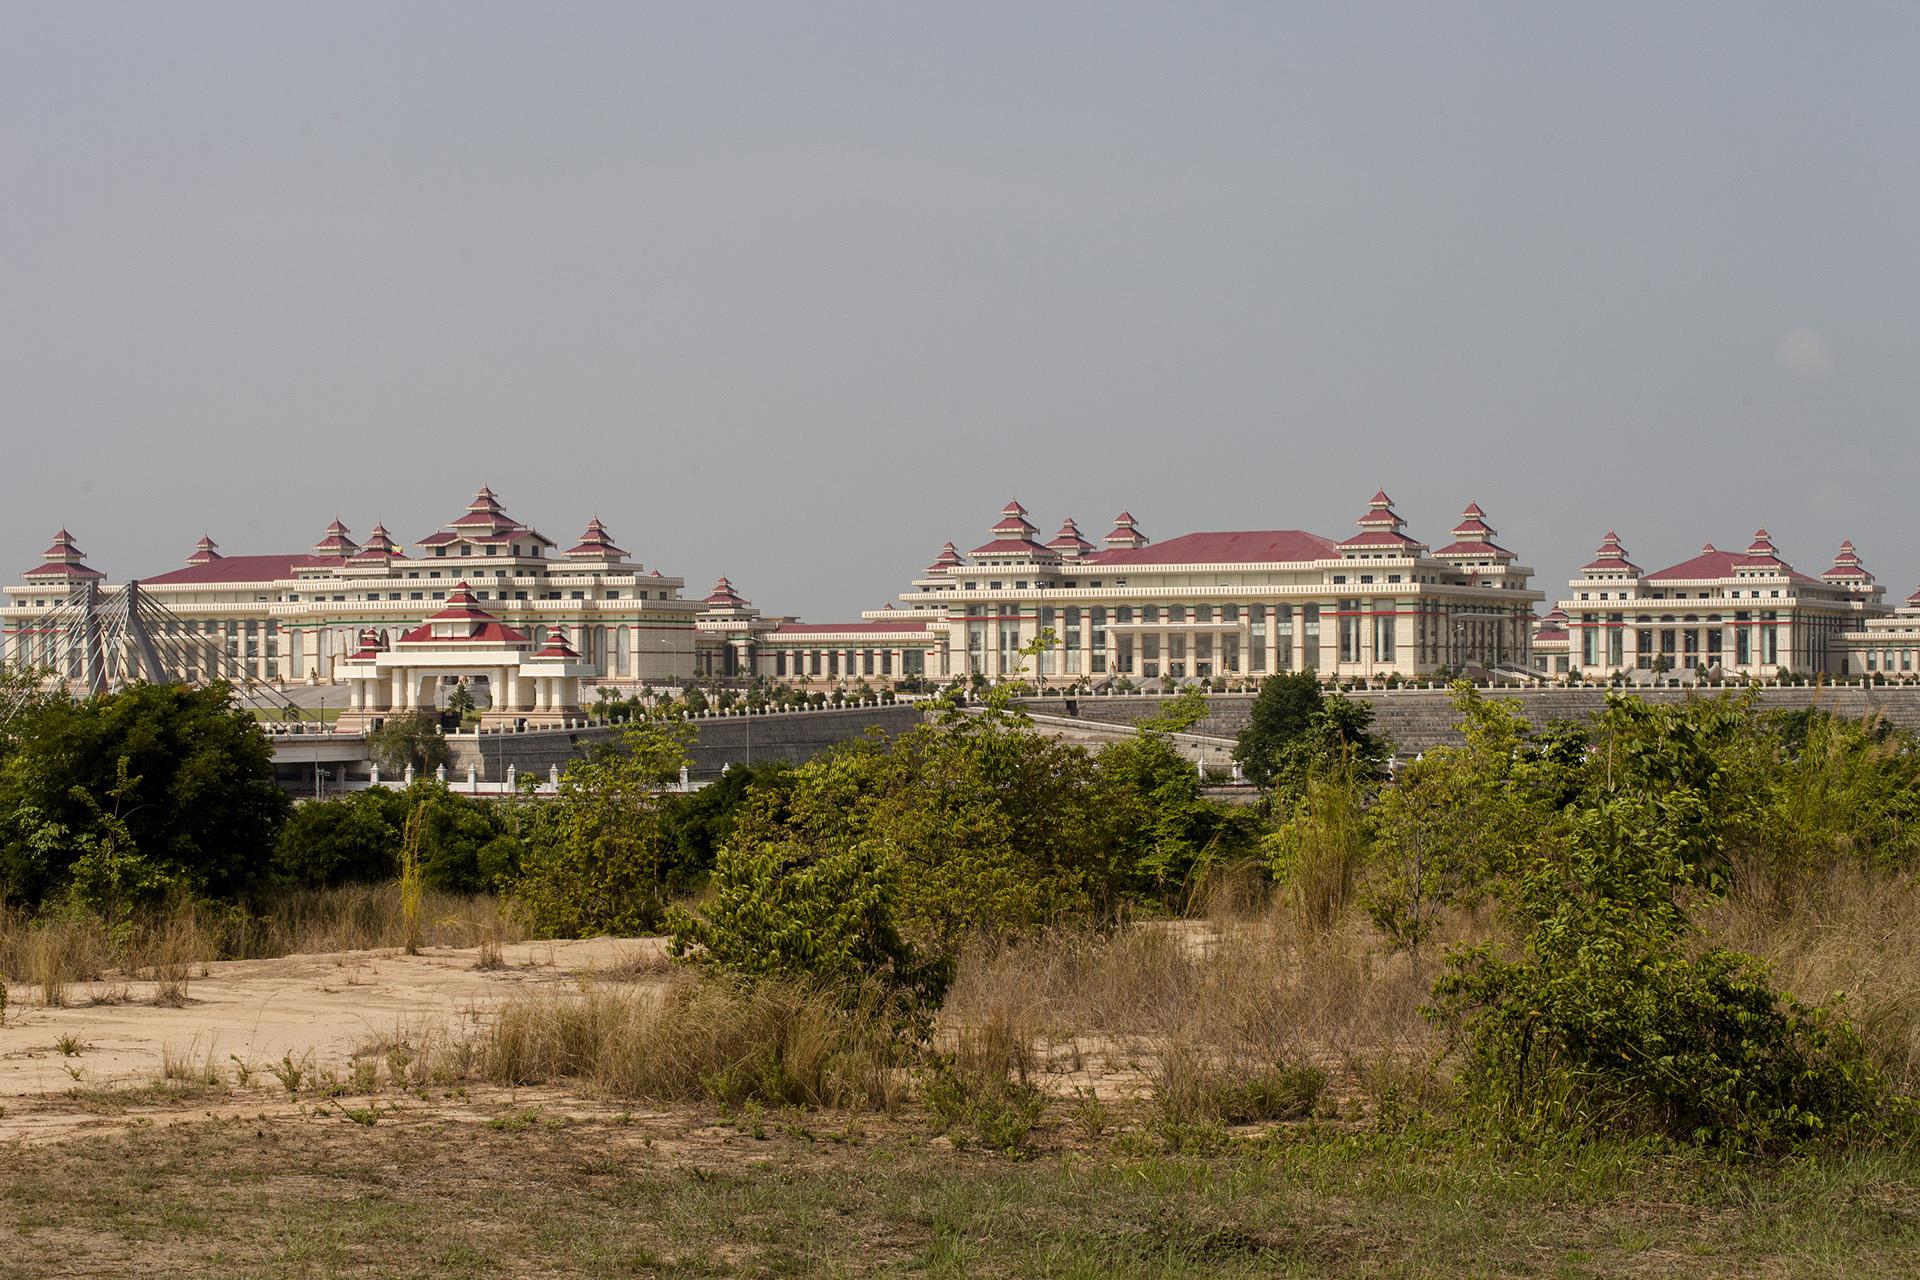 Vue sur l'ensemble de trente et un édifices entourés de douves et de ponts qui abrite le Parlement Birman. Naypyidaw, Birmanie. Mai 2015.